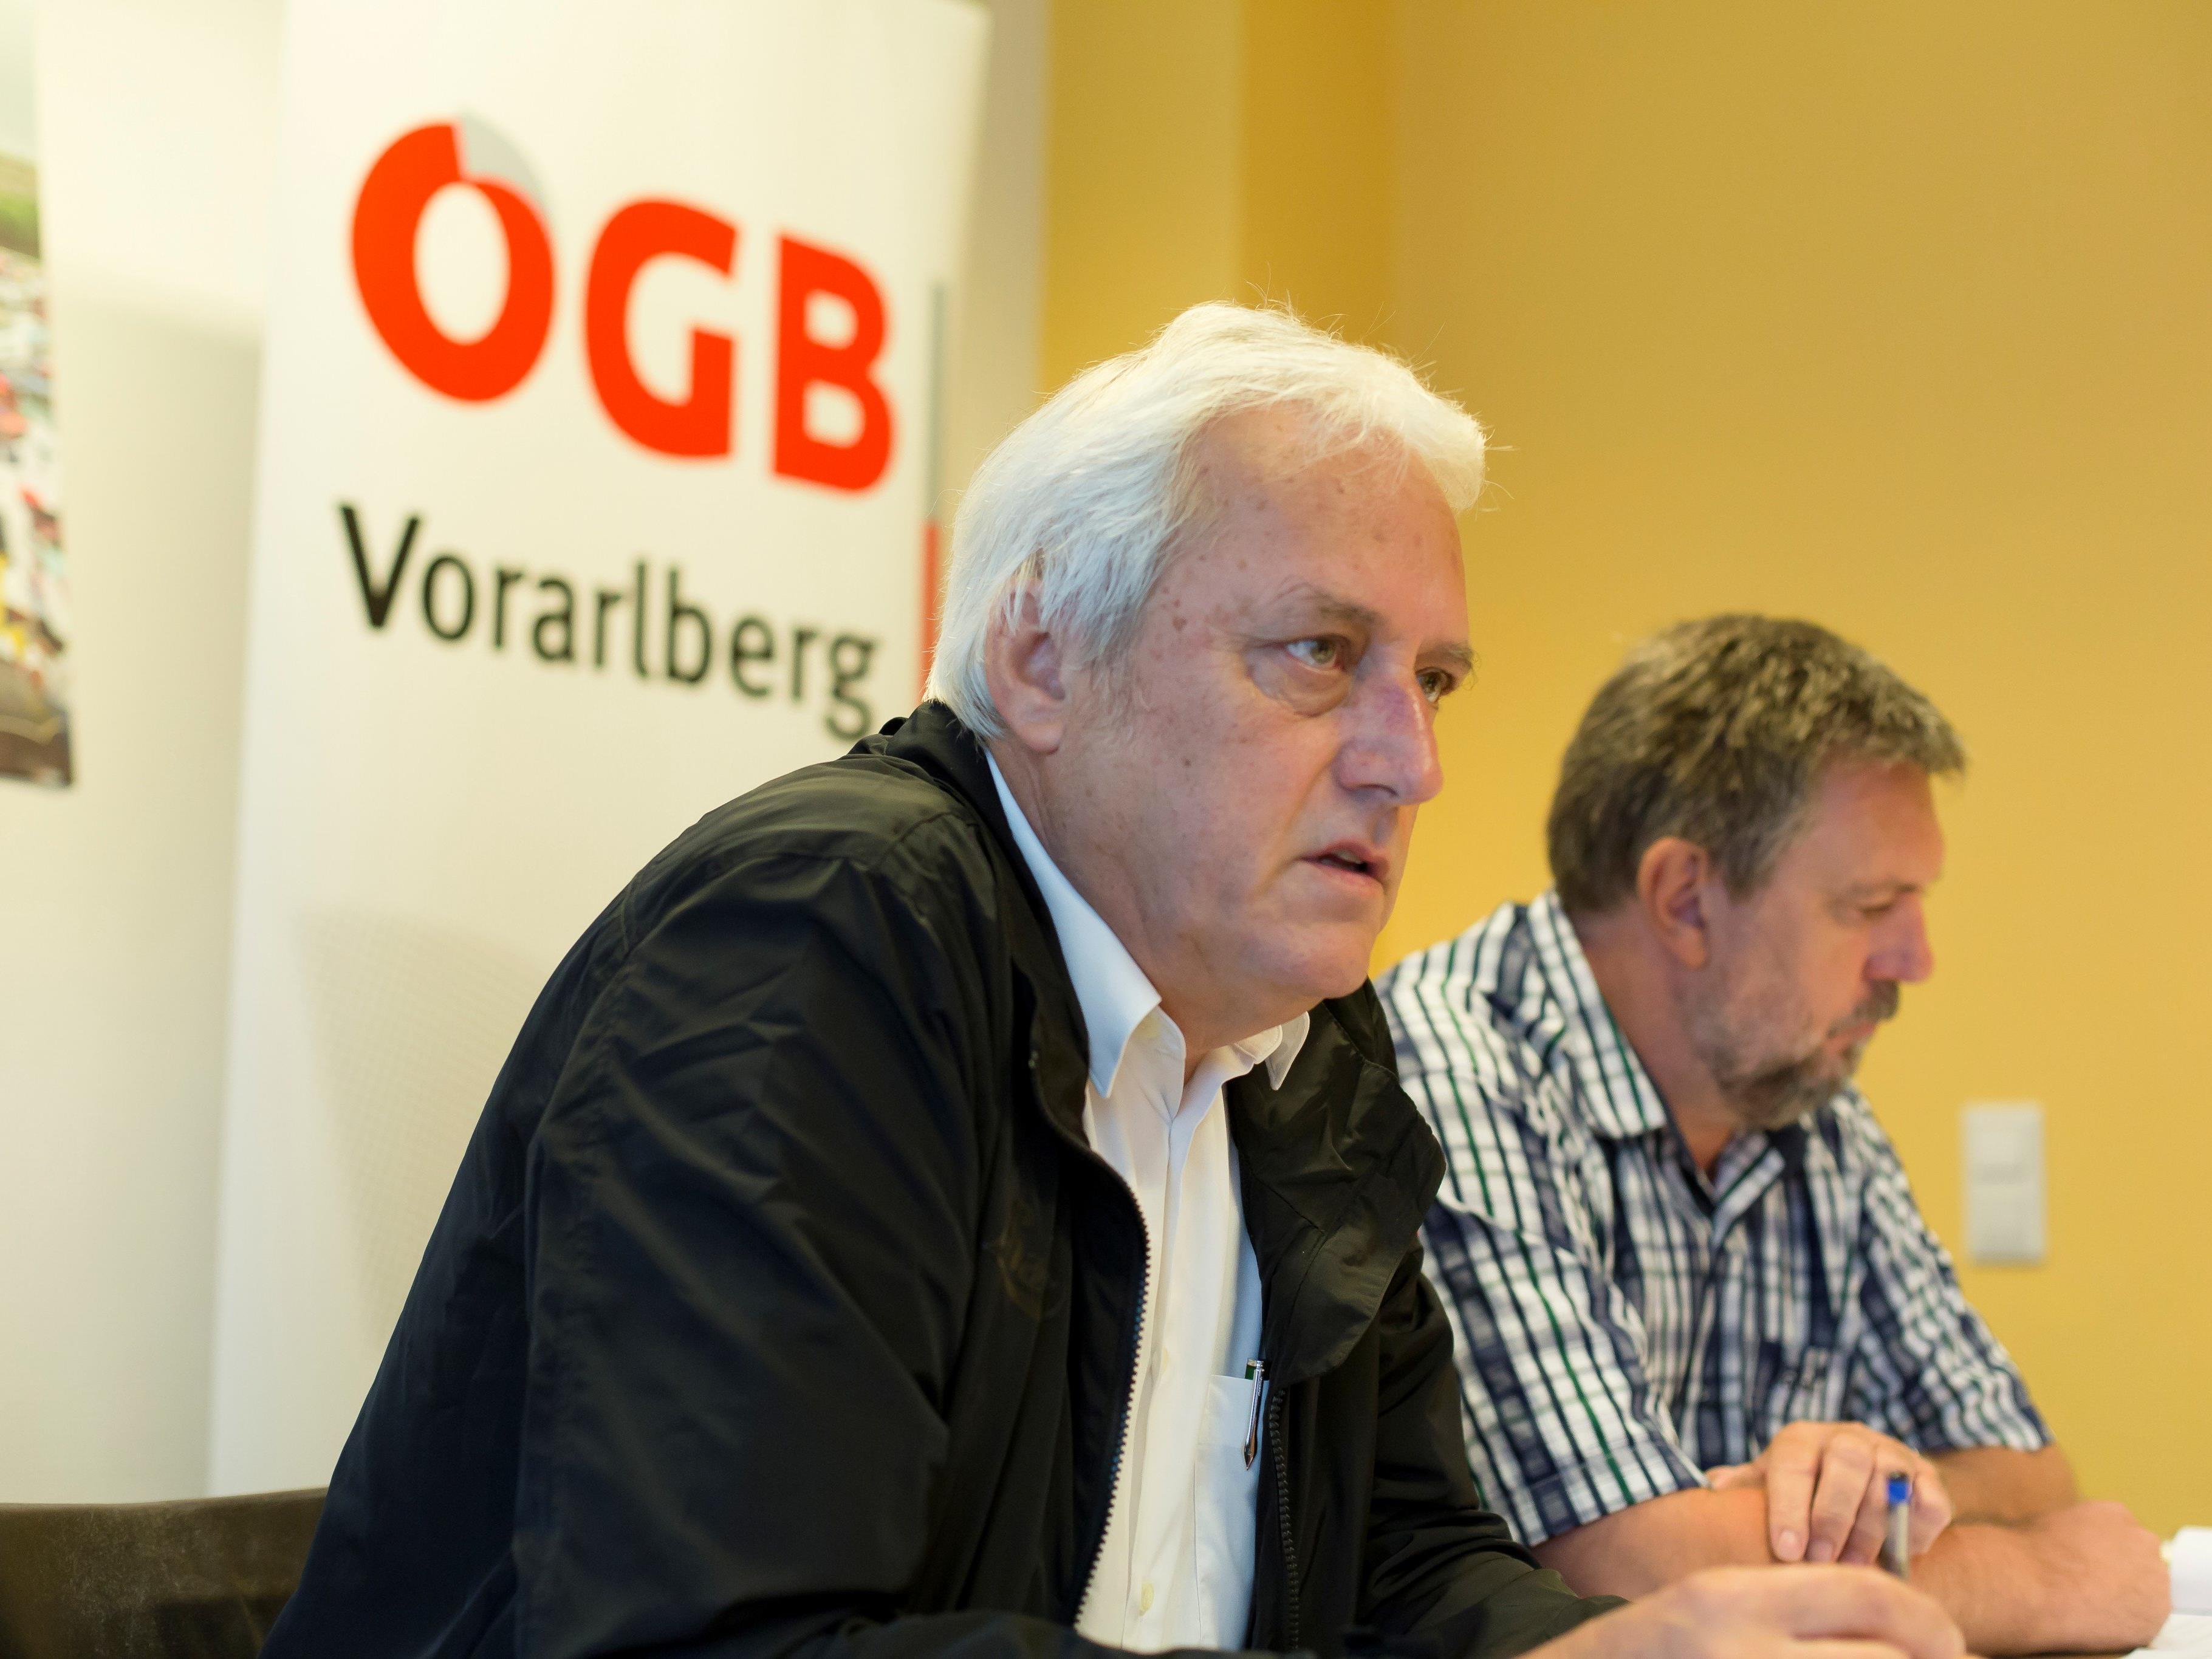 Norbert Loacker wurde auf der Landeskonferenz des ÖGB erneut zum Vorarlberger Landesvorsitzenden des Gewerkschaftsbundes gewählt.